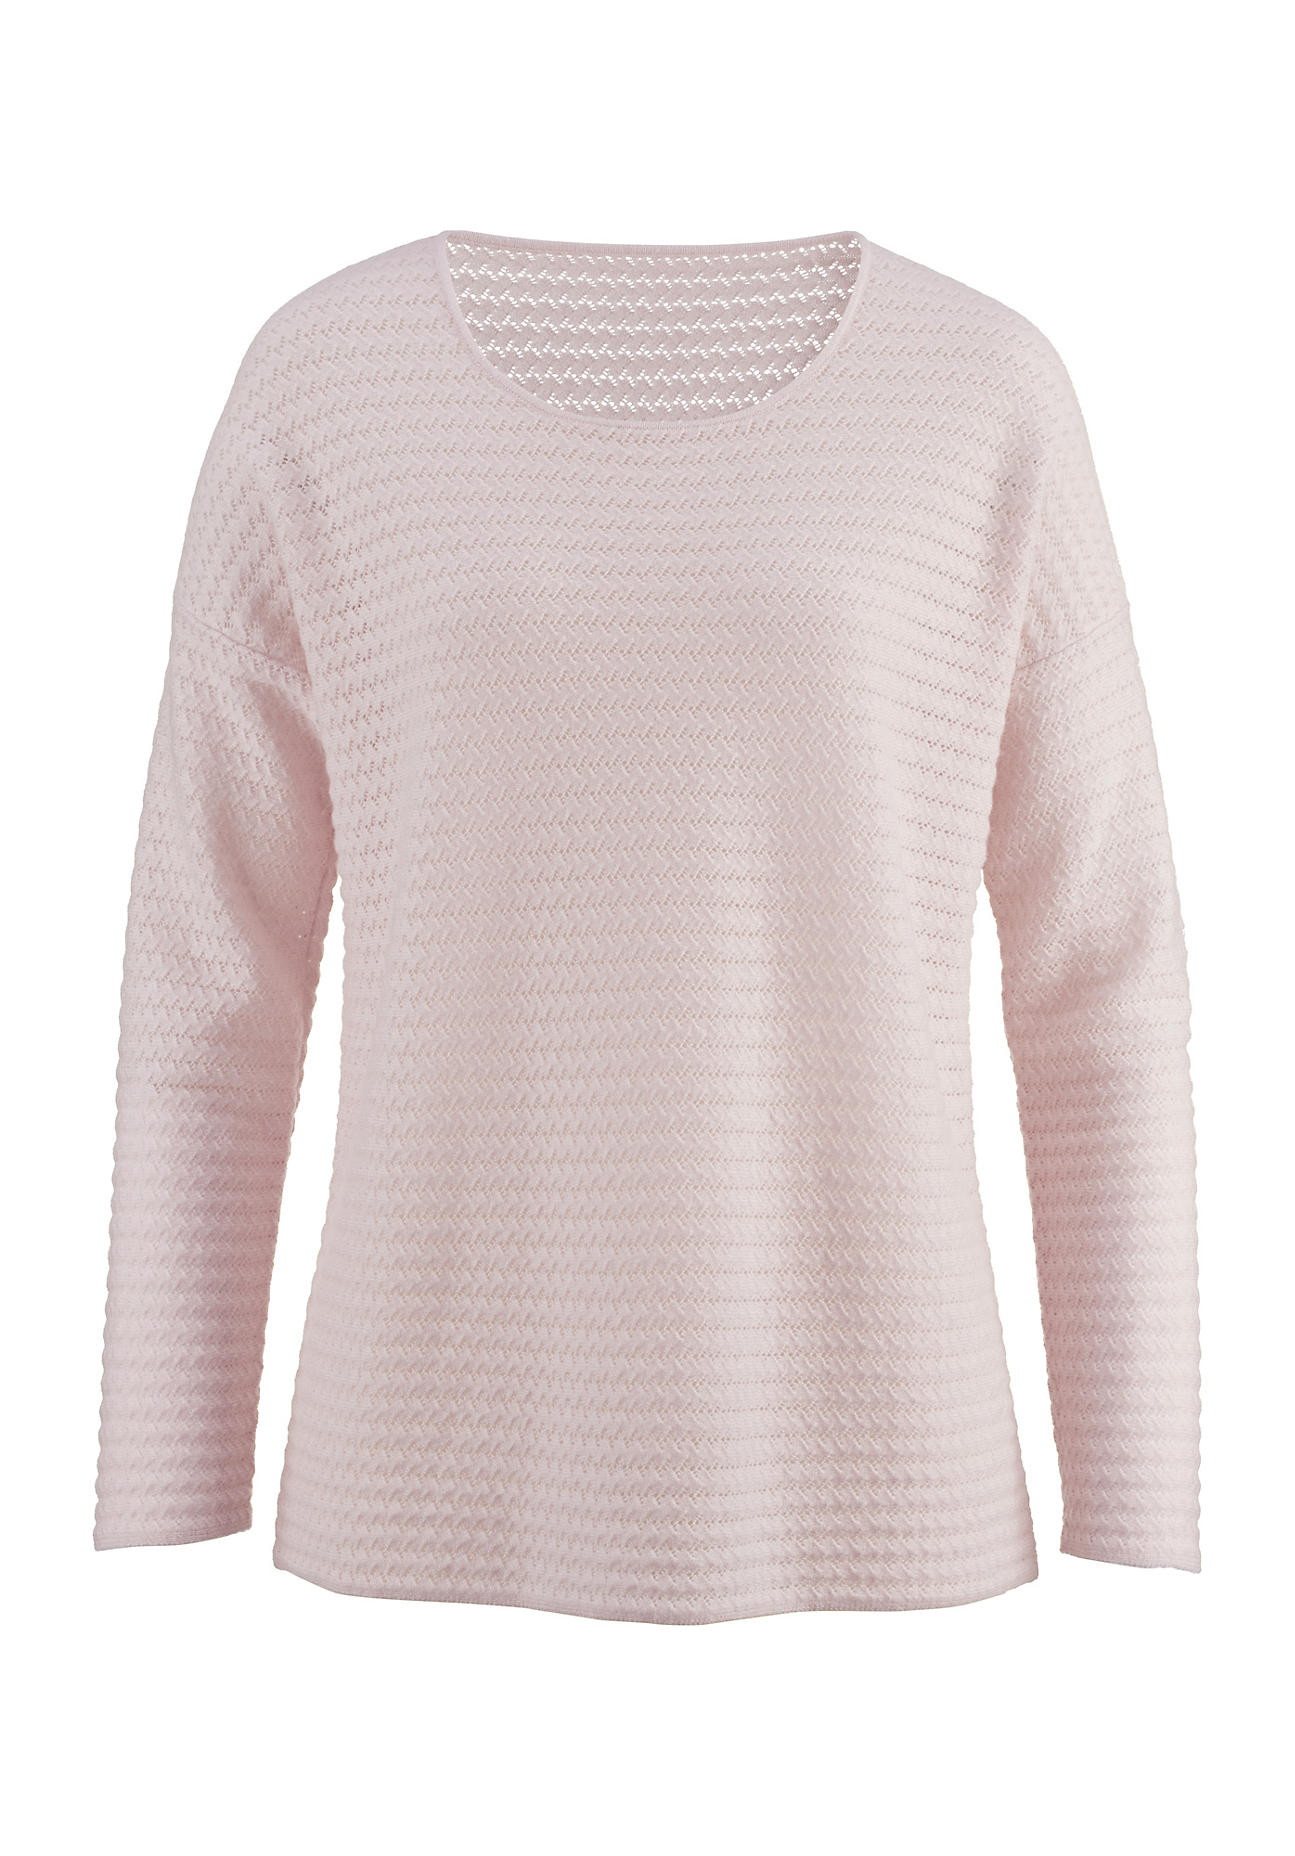 hessnatur Damen Kaschmir-Pullover – rosa – Größe L